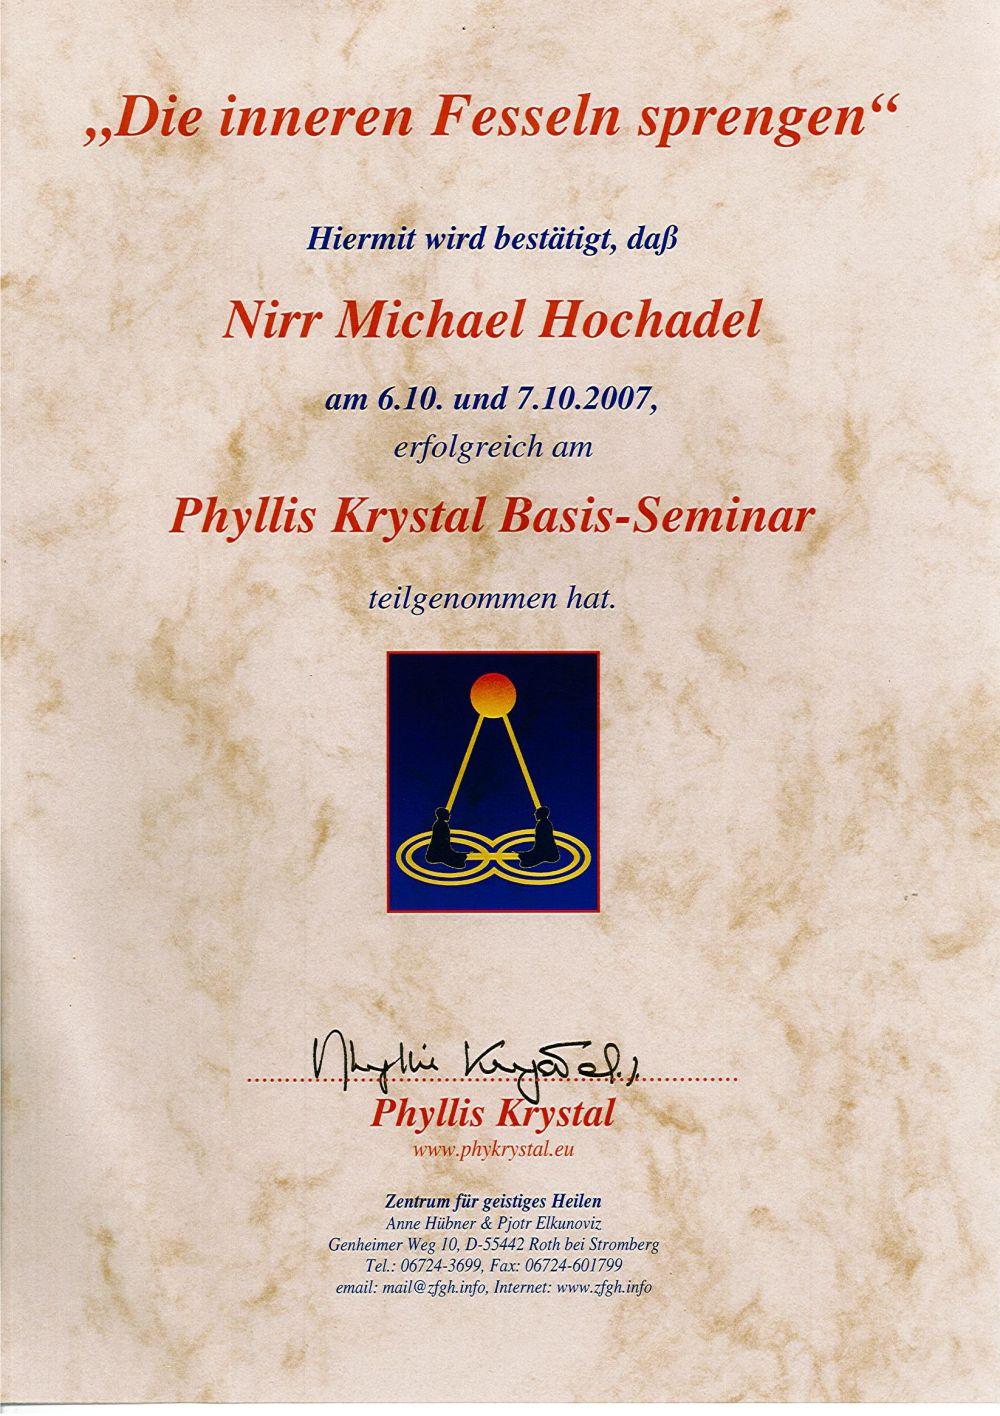 Cutting the ties that bind_Phyllis Krystal